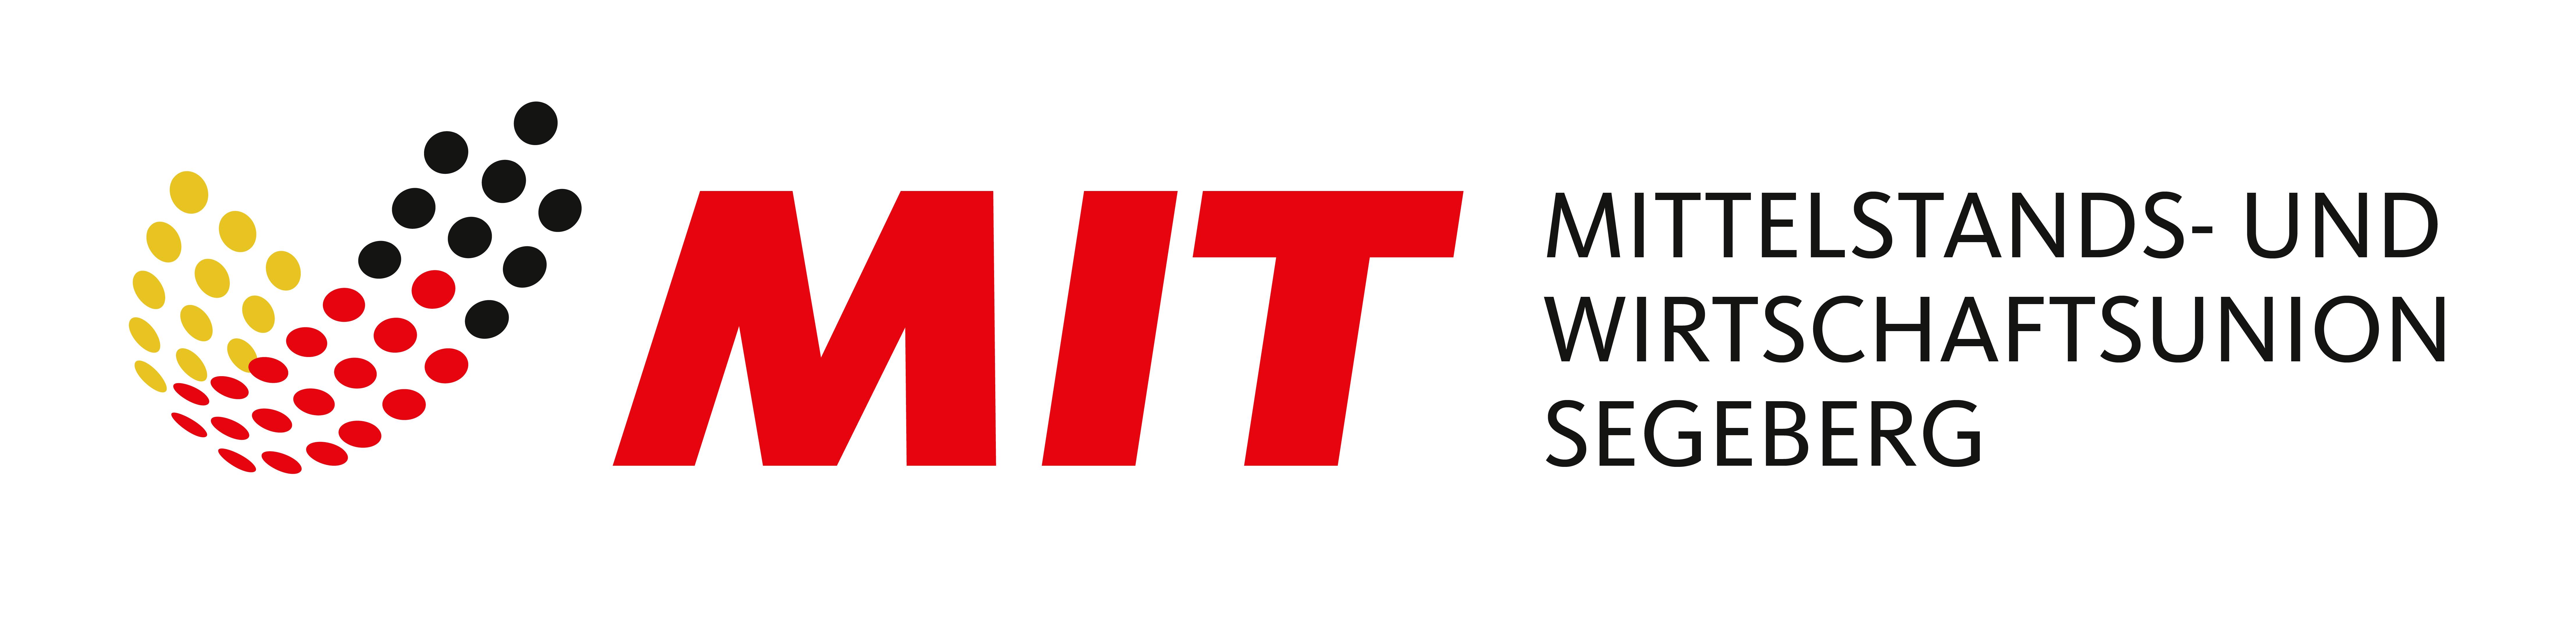 Logo der Mittelstands- und Wirtschaftsvereinigung Segeberg